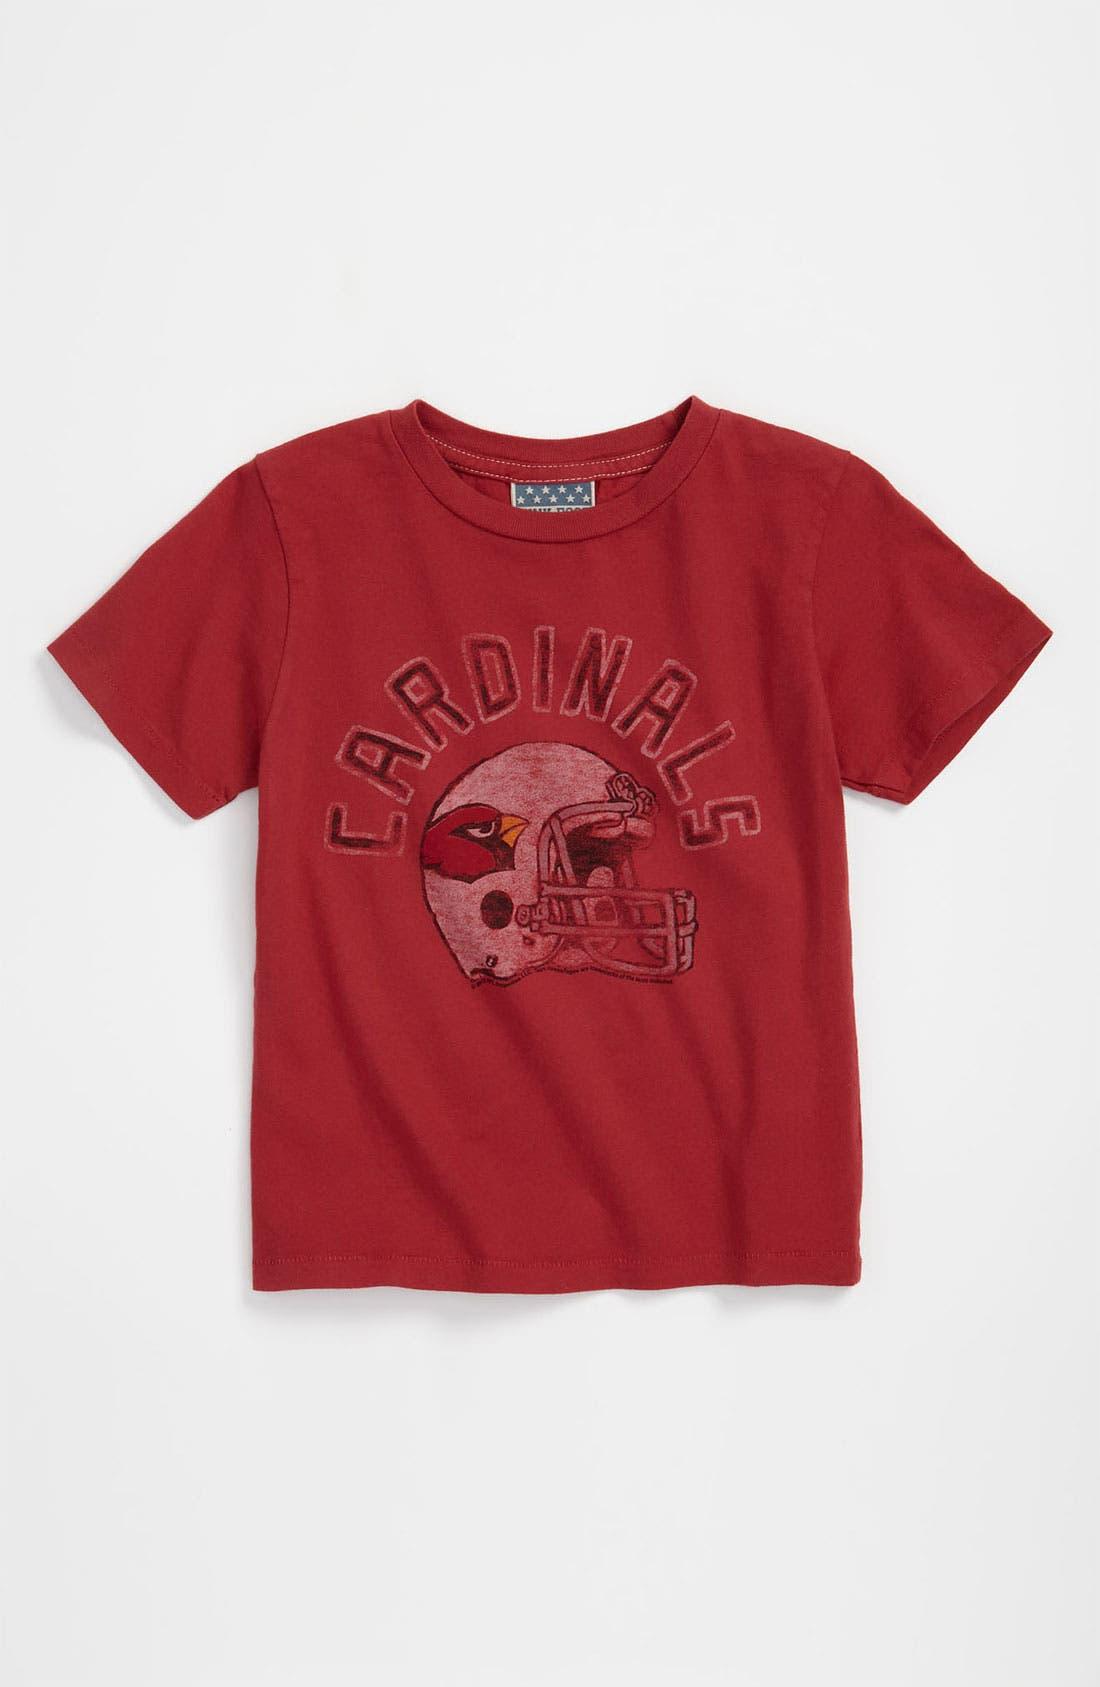 Main Image - Junk Food 'Arizona Cardinals' T-Shirt (Toddler)